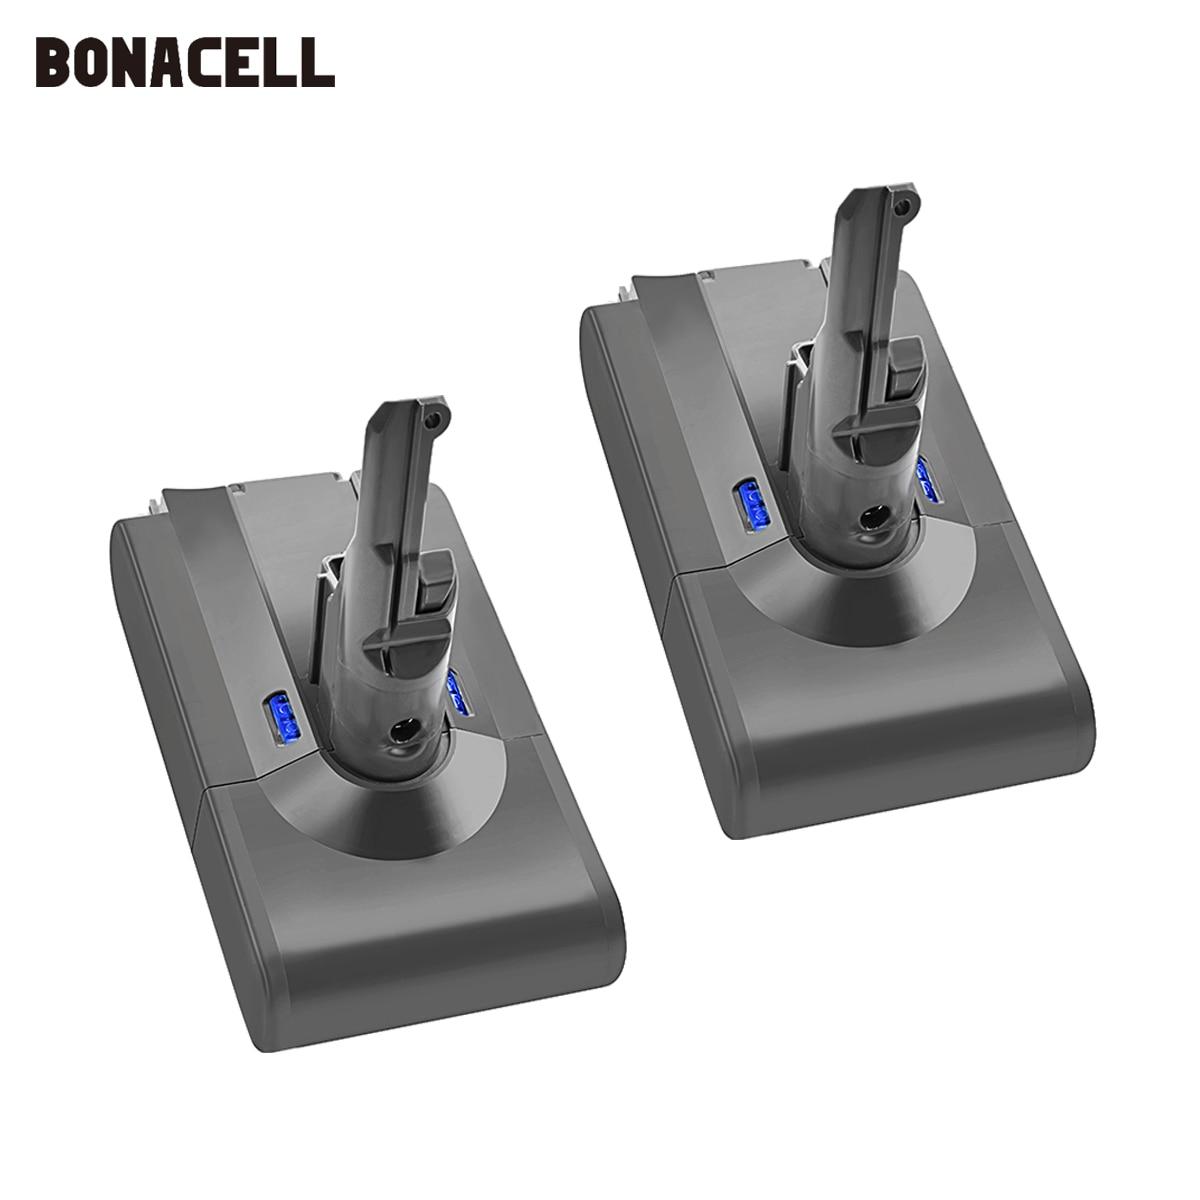 Bonacell V8 4000mAh 21.6V Battery For Dyson V8 Battery  V8 series,V8 Fluffy Li-ion SV10 Vacuum Cleaner Rechargeable BATTERY L70